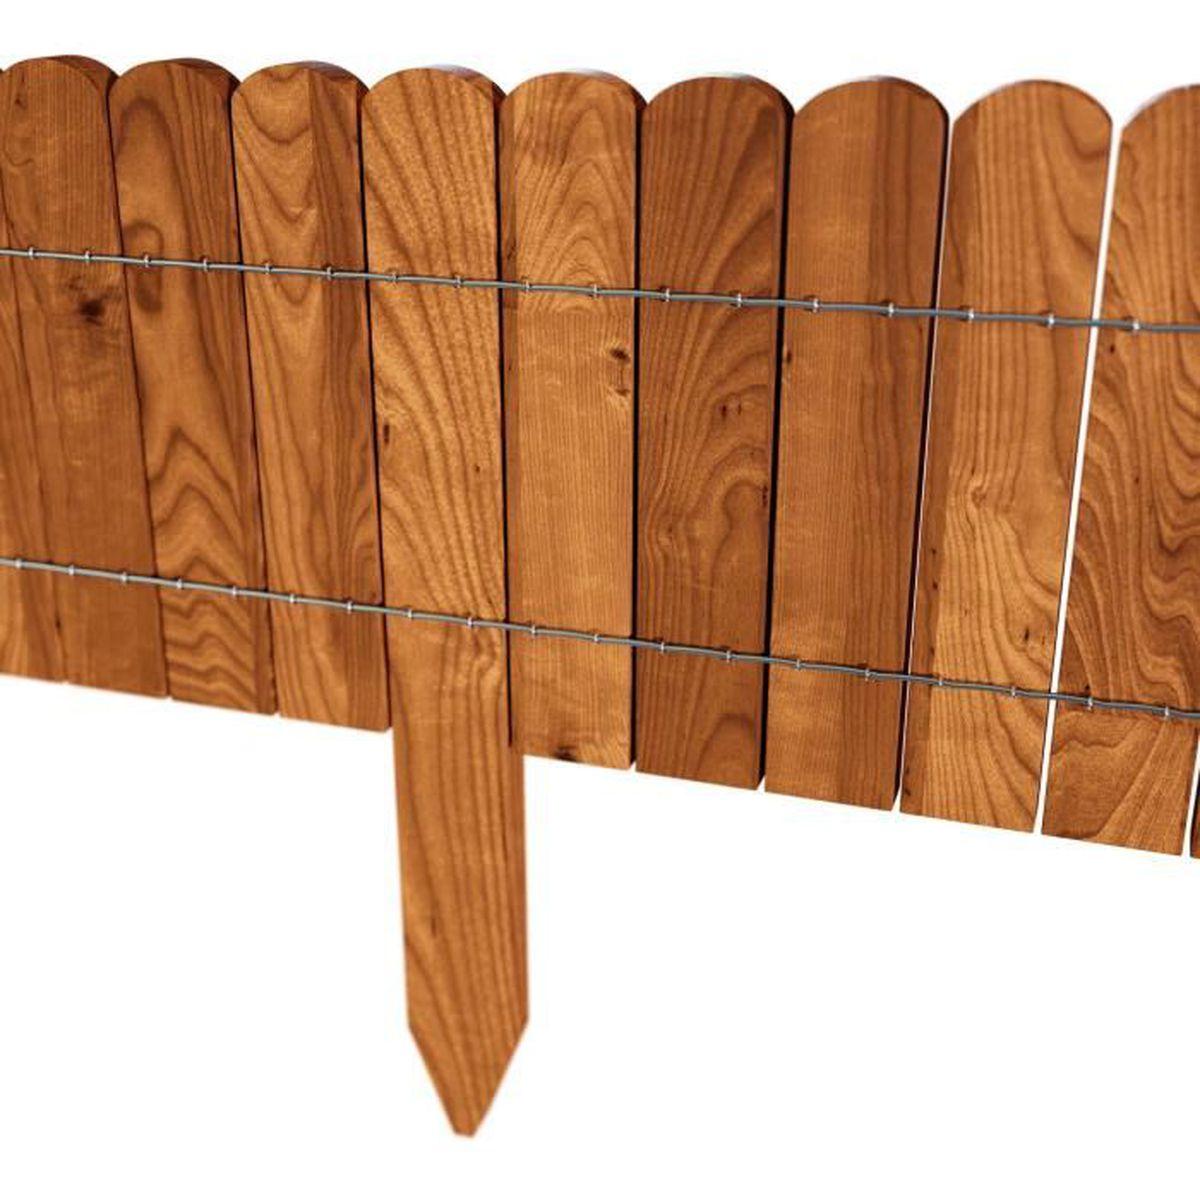 Bordure déroulable de 200 cm de longueur hauteur 20 cm en bois comme délimitation de plates bandes couleurbrune achat vente bordure bordure